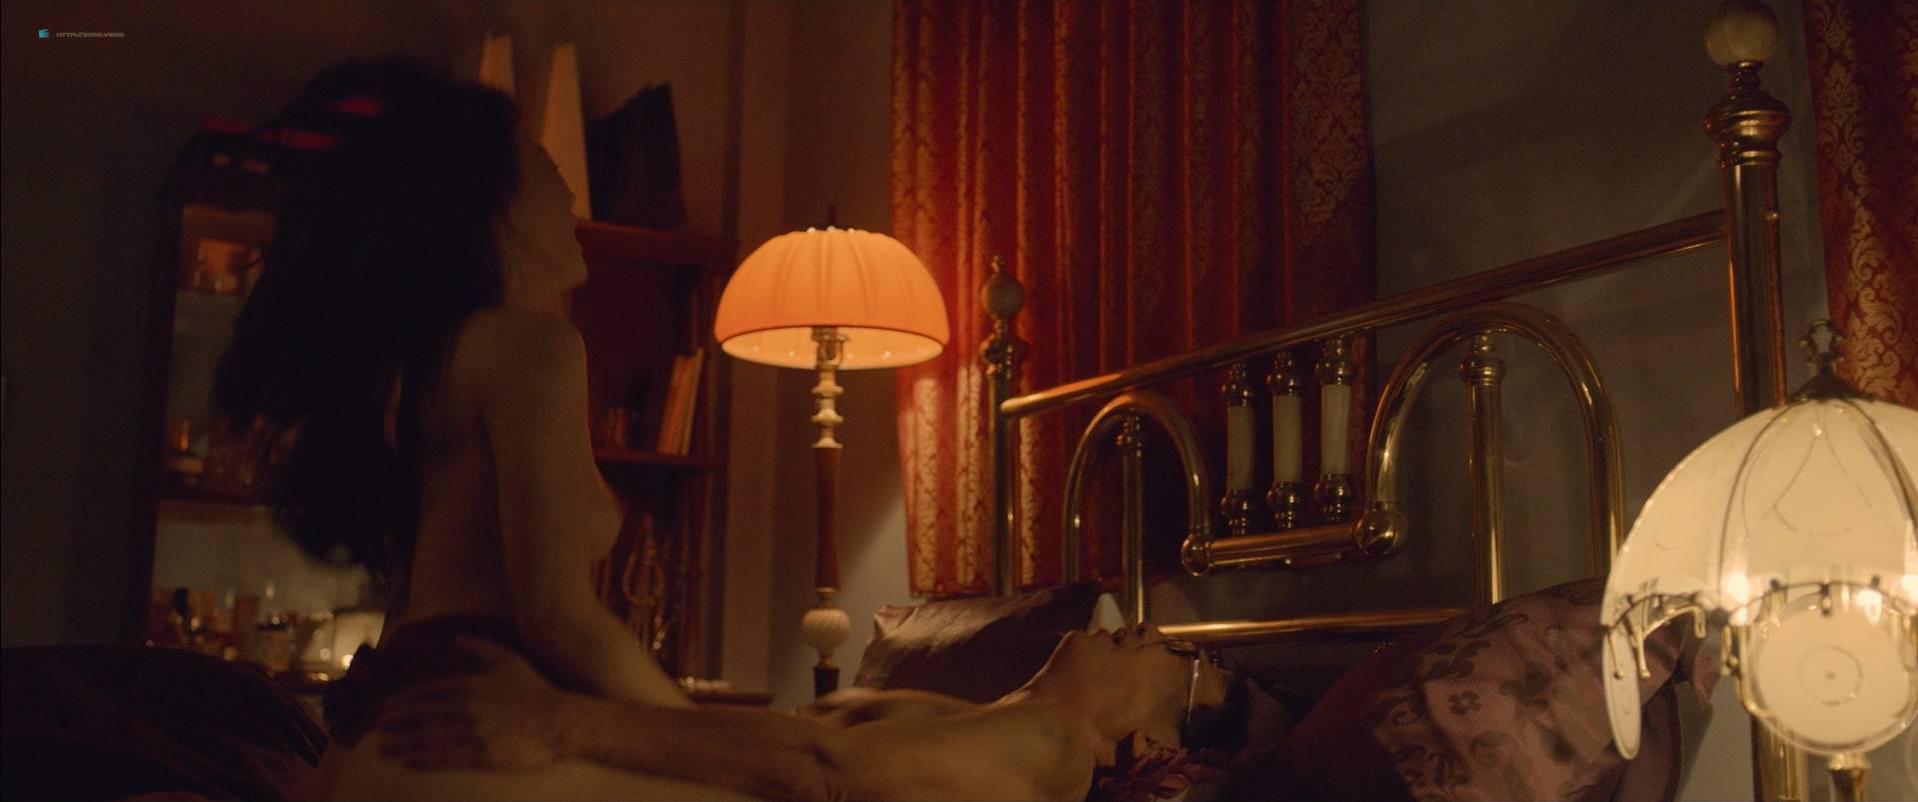 Yu-Wei Shao nude, Xing Li nude - The Tenants Downstairs (2016)